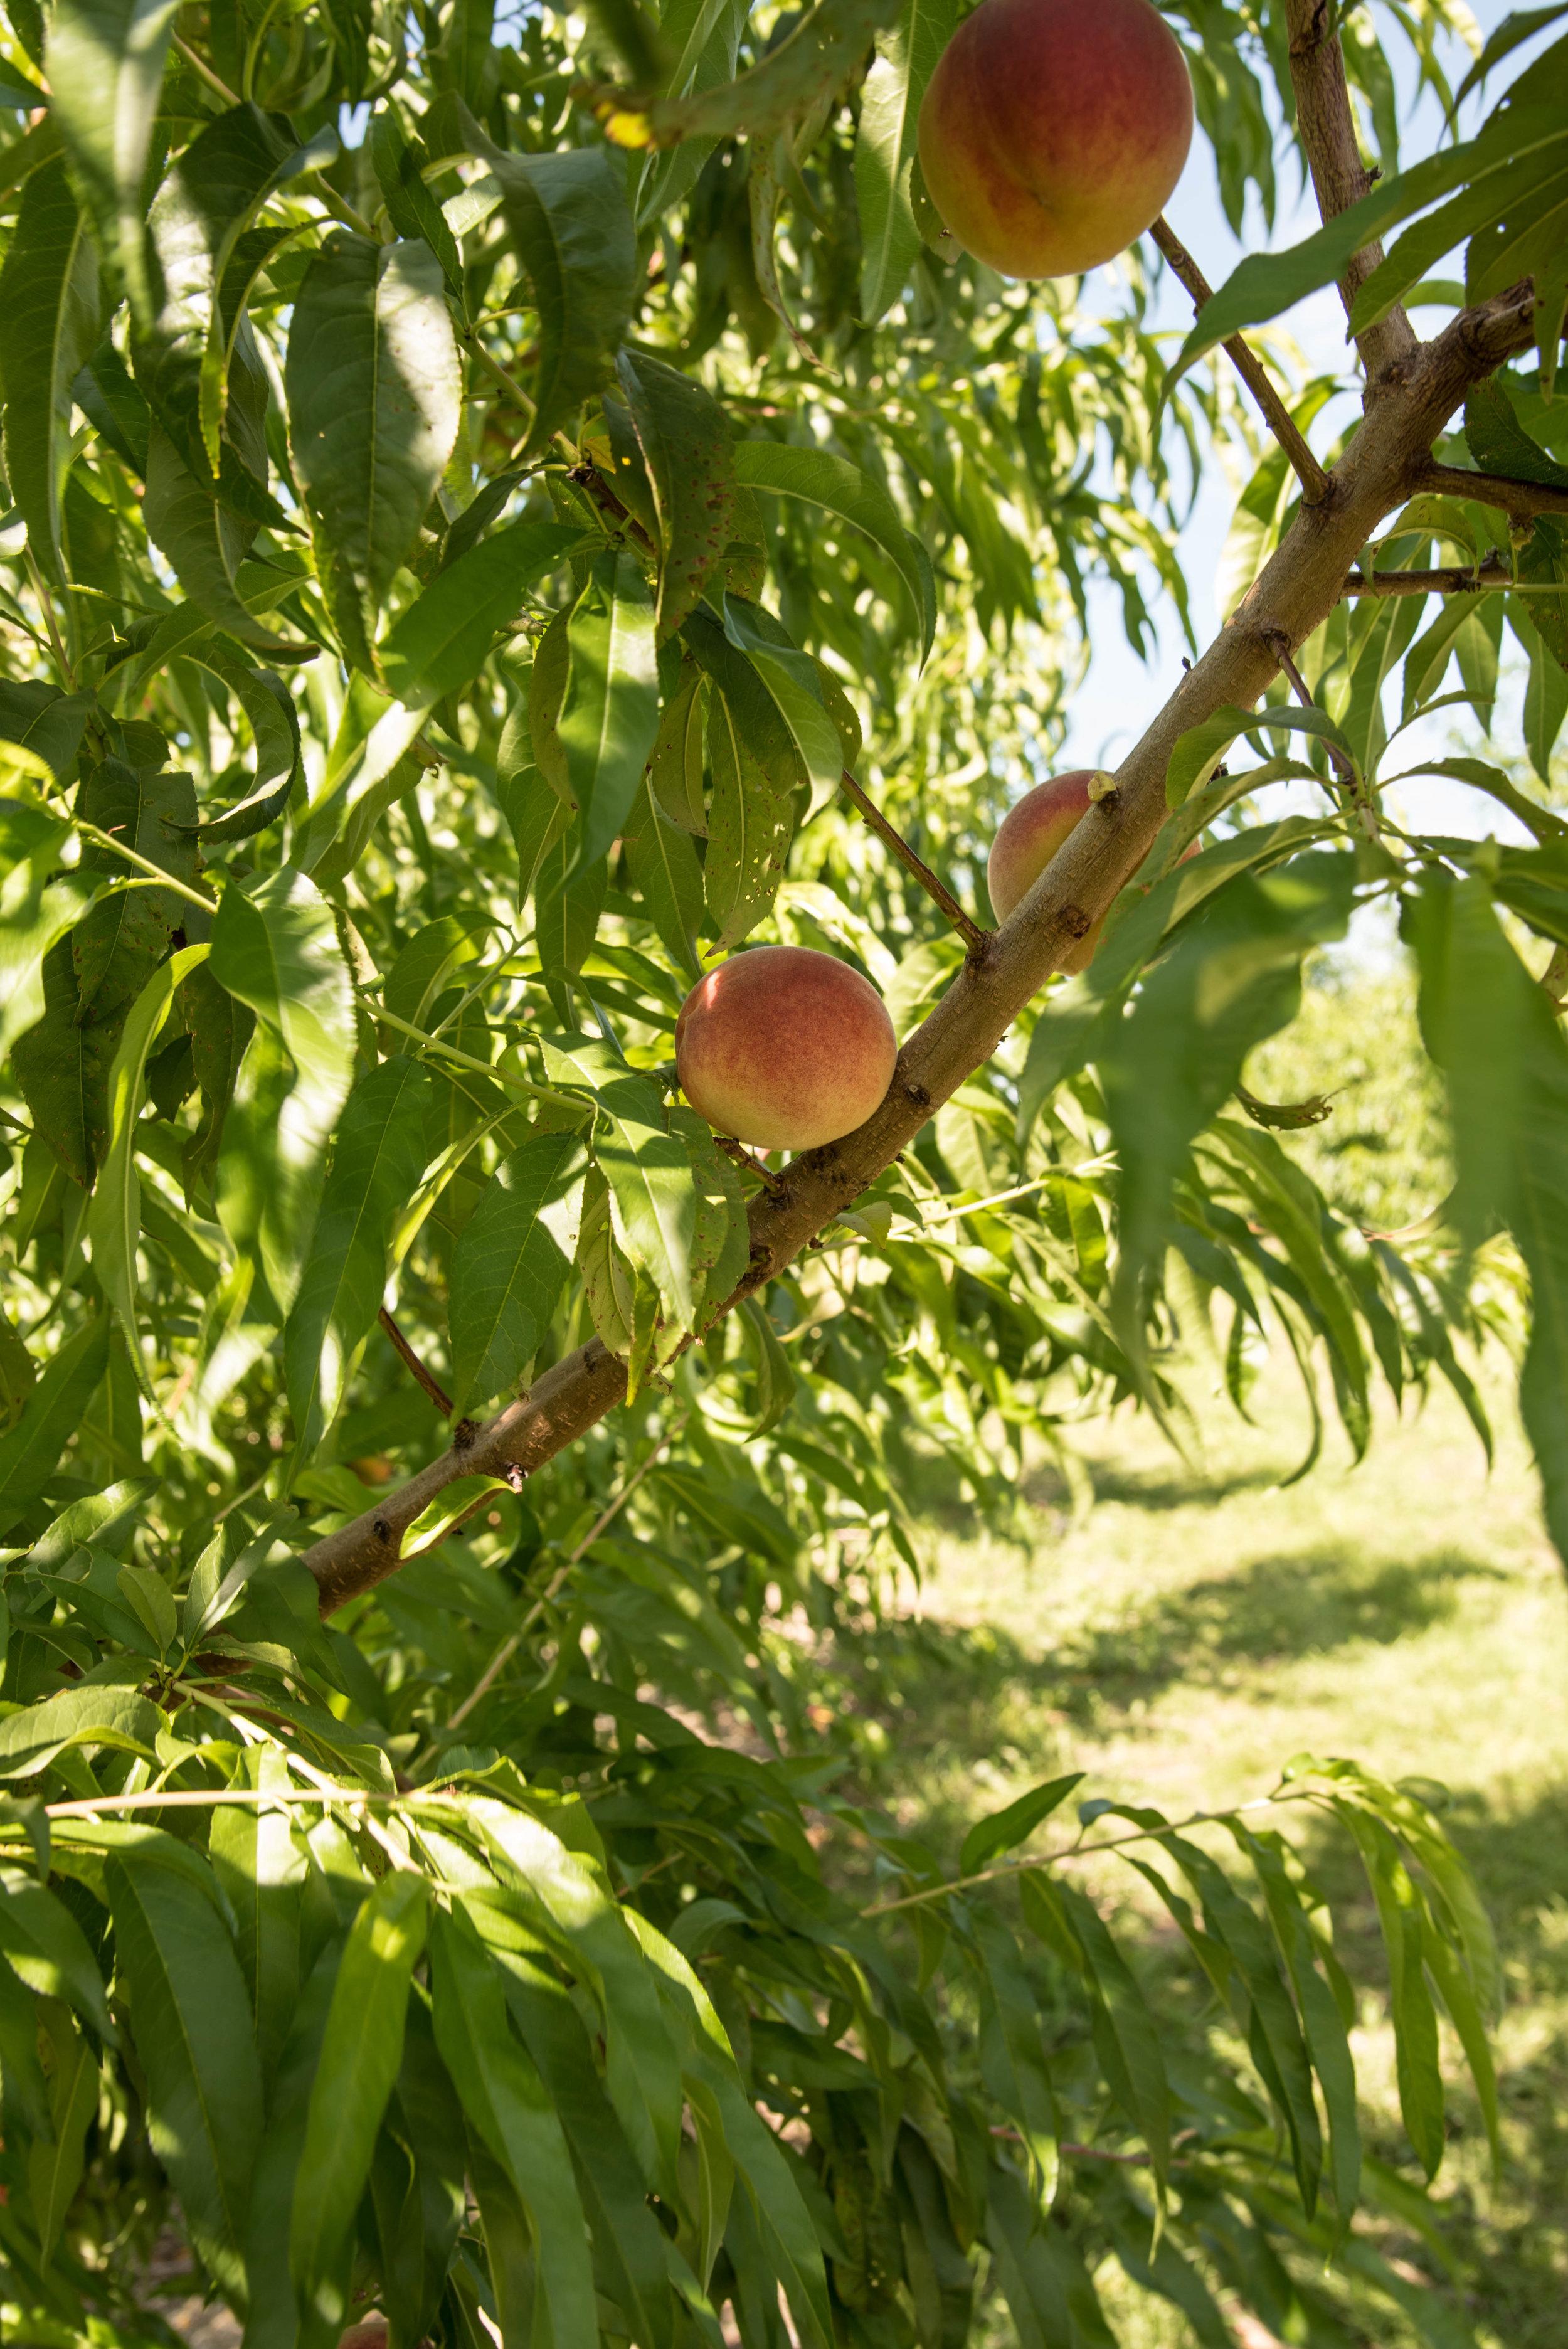 At the Market Peaches & Peach Tatin -